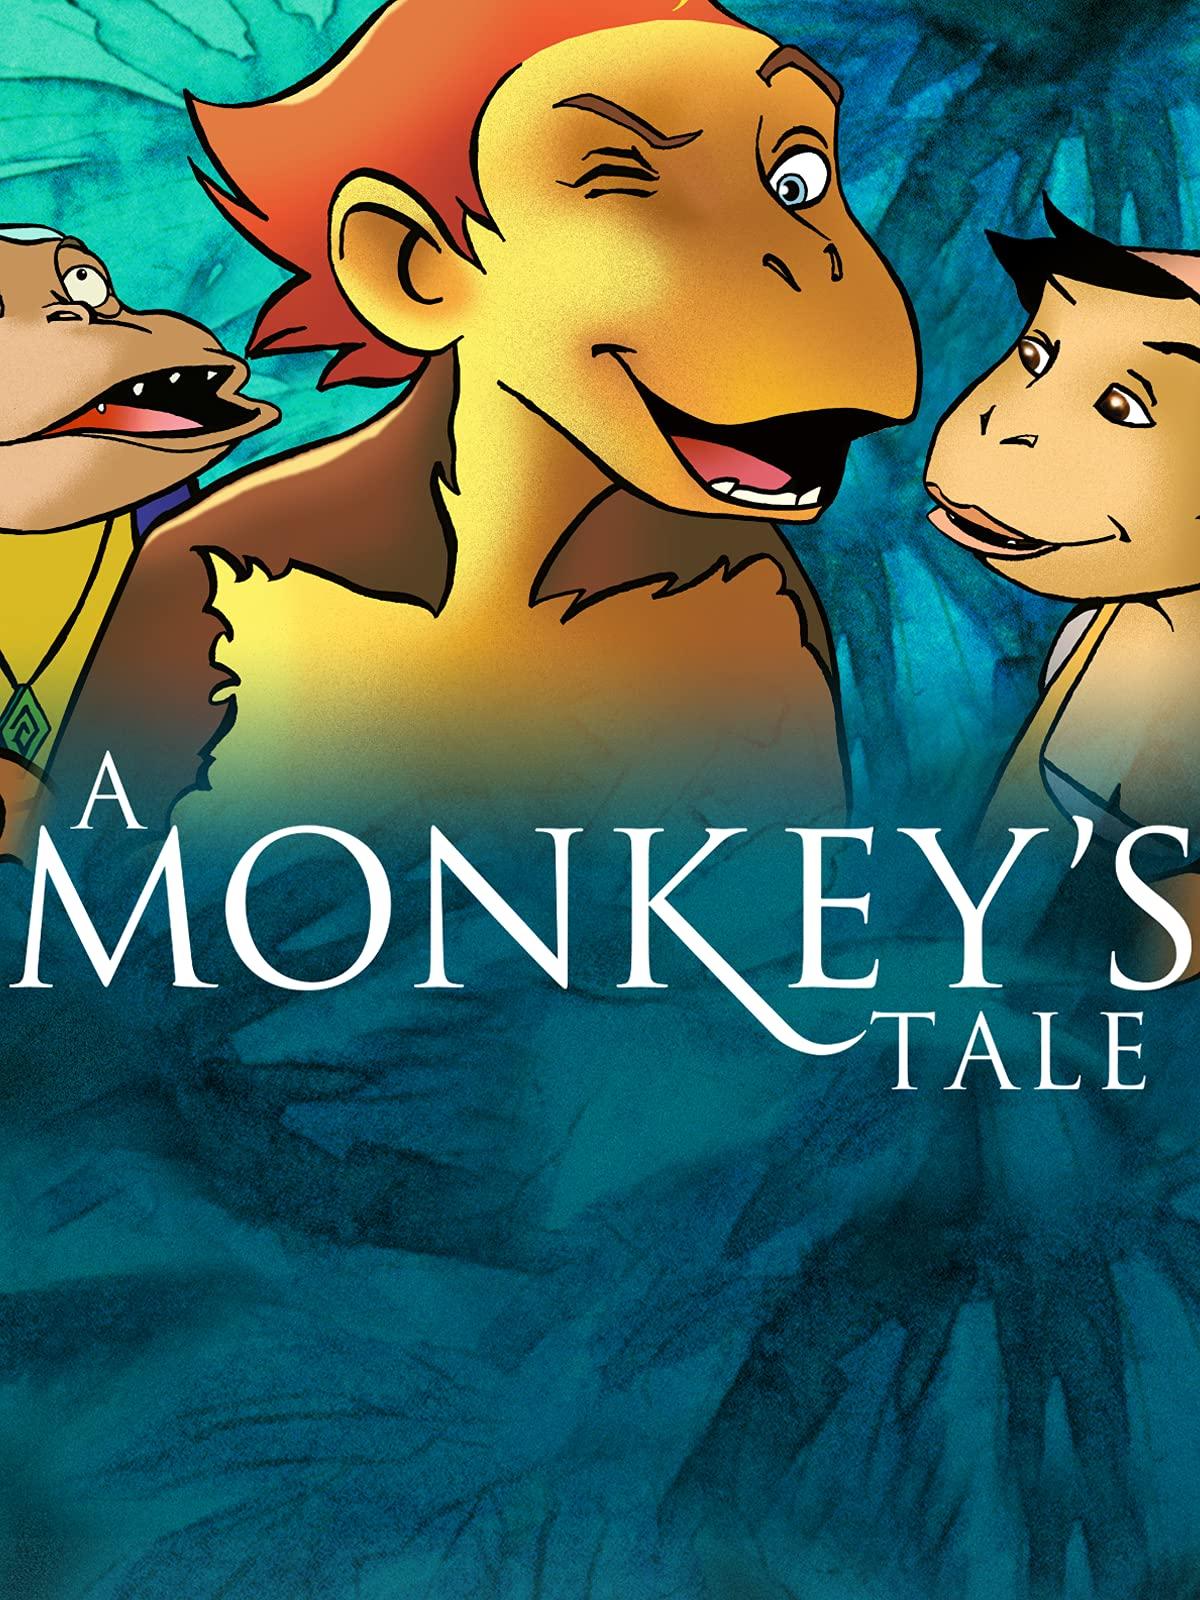 A Monkey's Tale